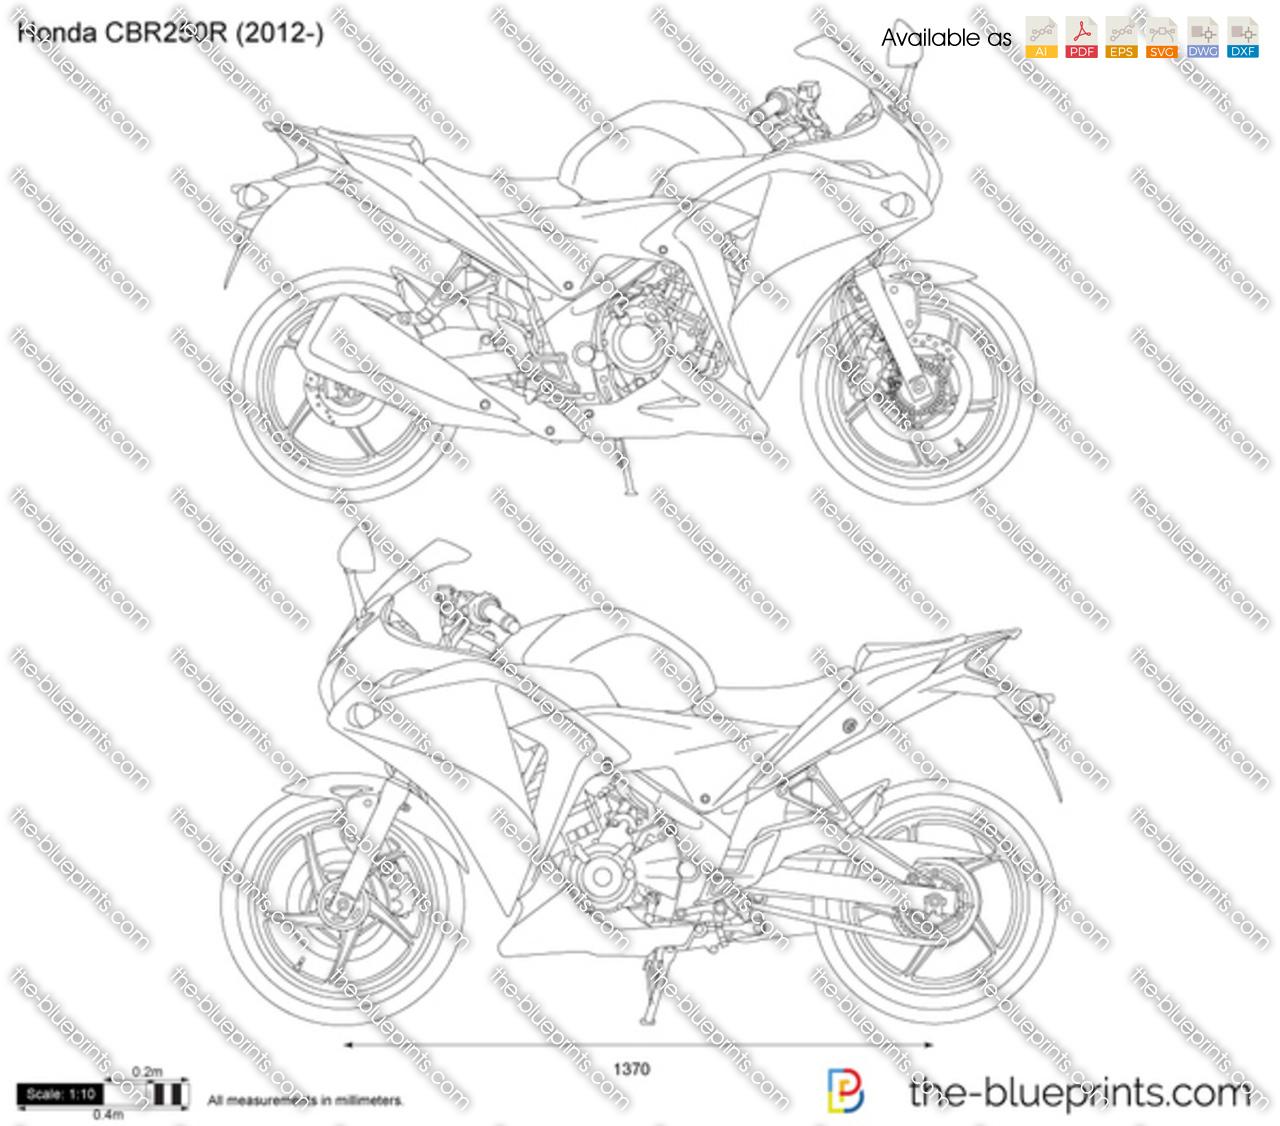 Honda CBR250R 2014